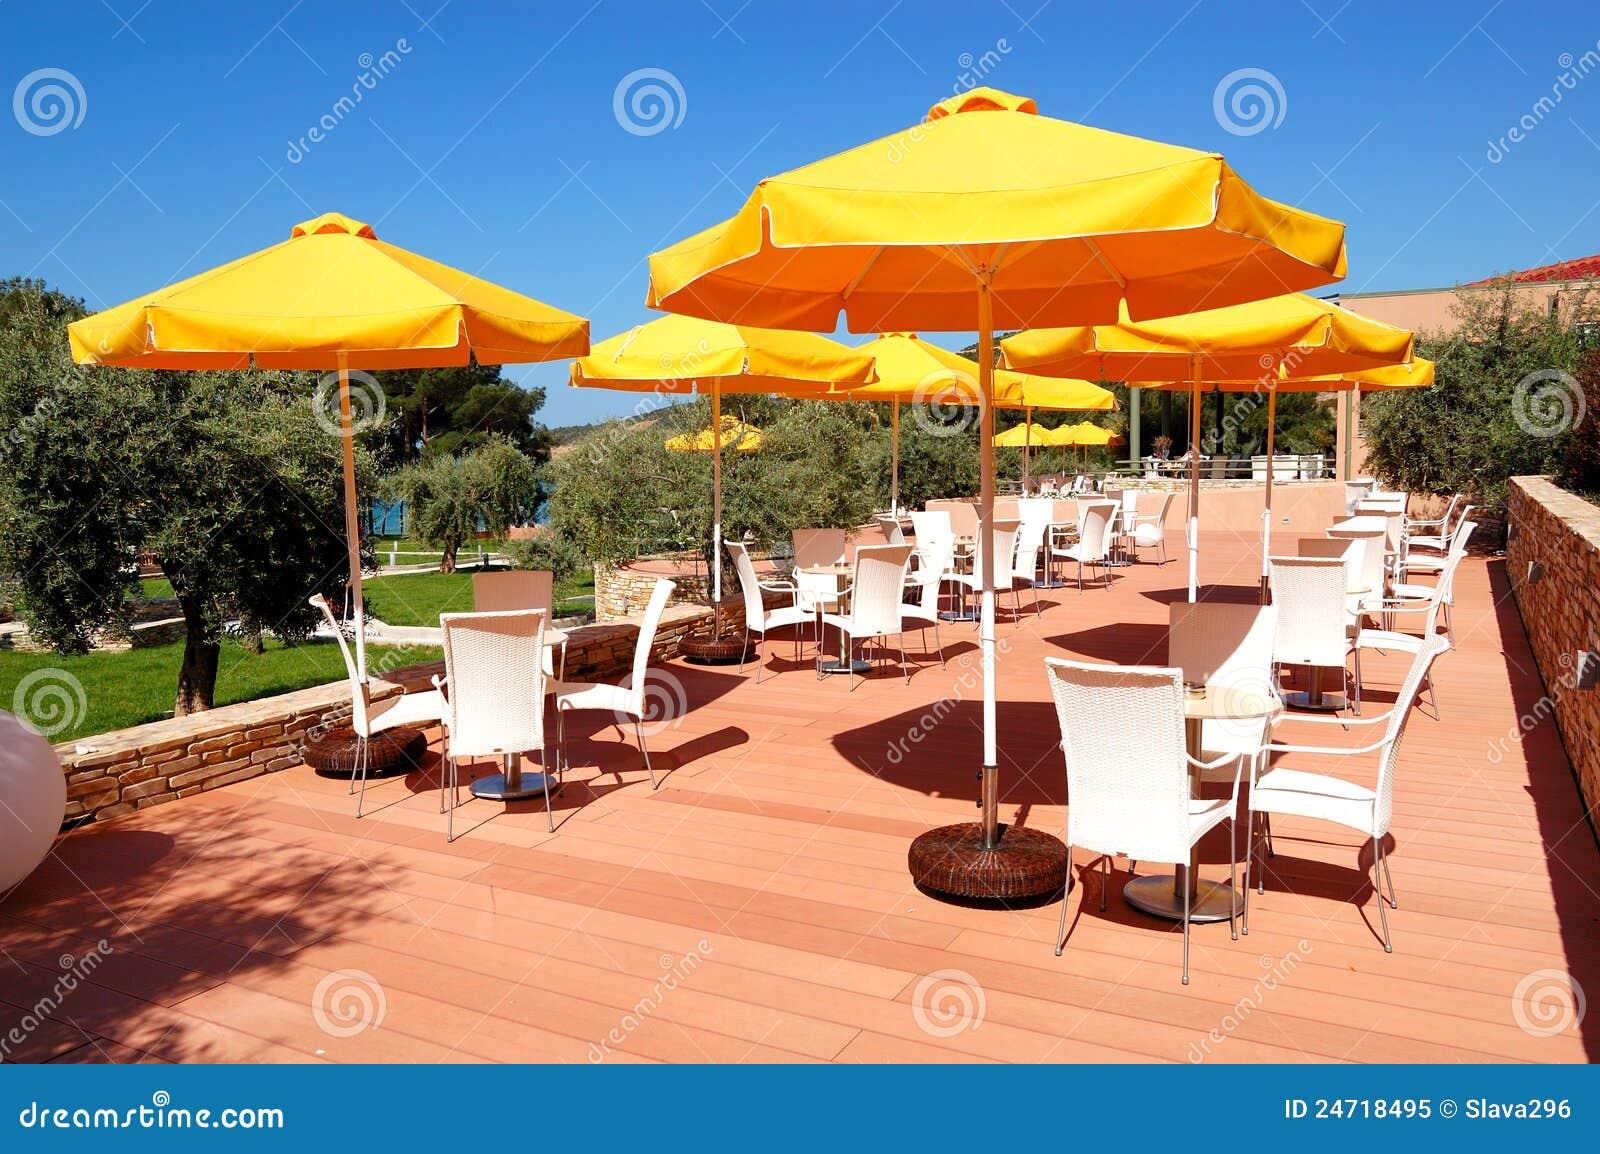 Restaurante al aire libre en el hotel de lujo moderno foto for Hoteles de lujo modernos